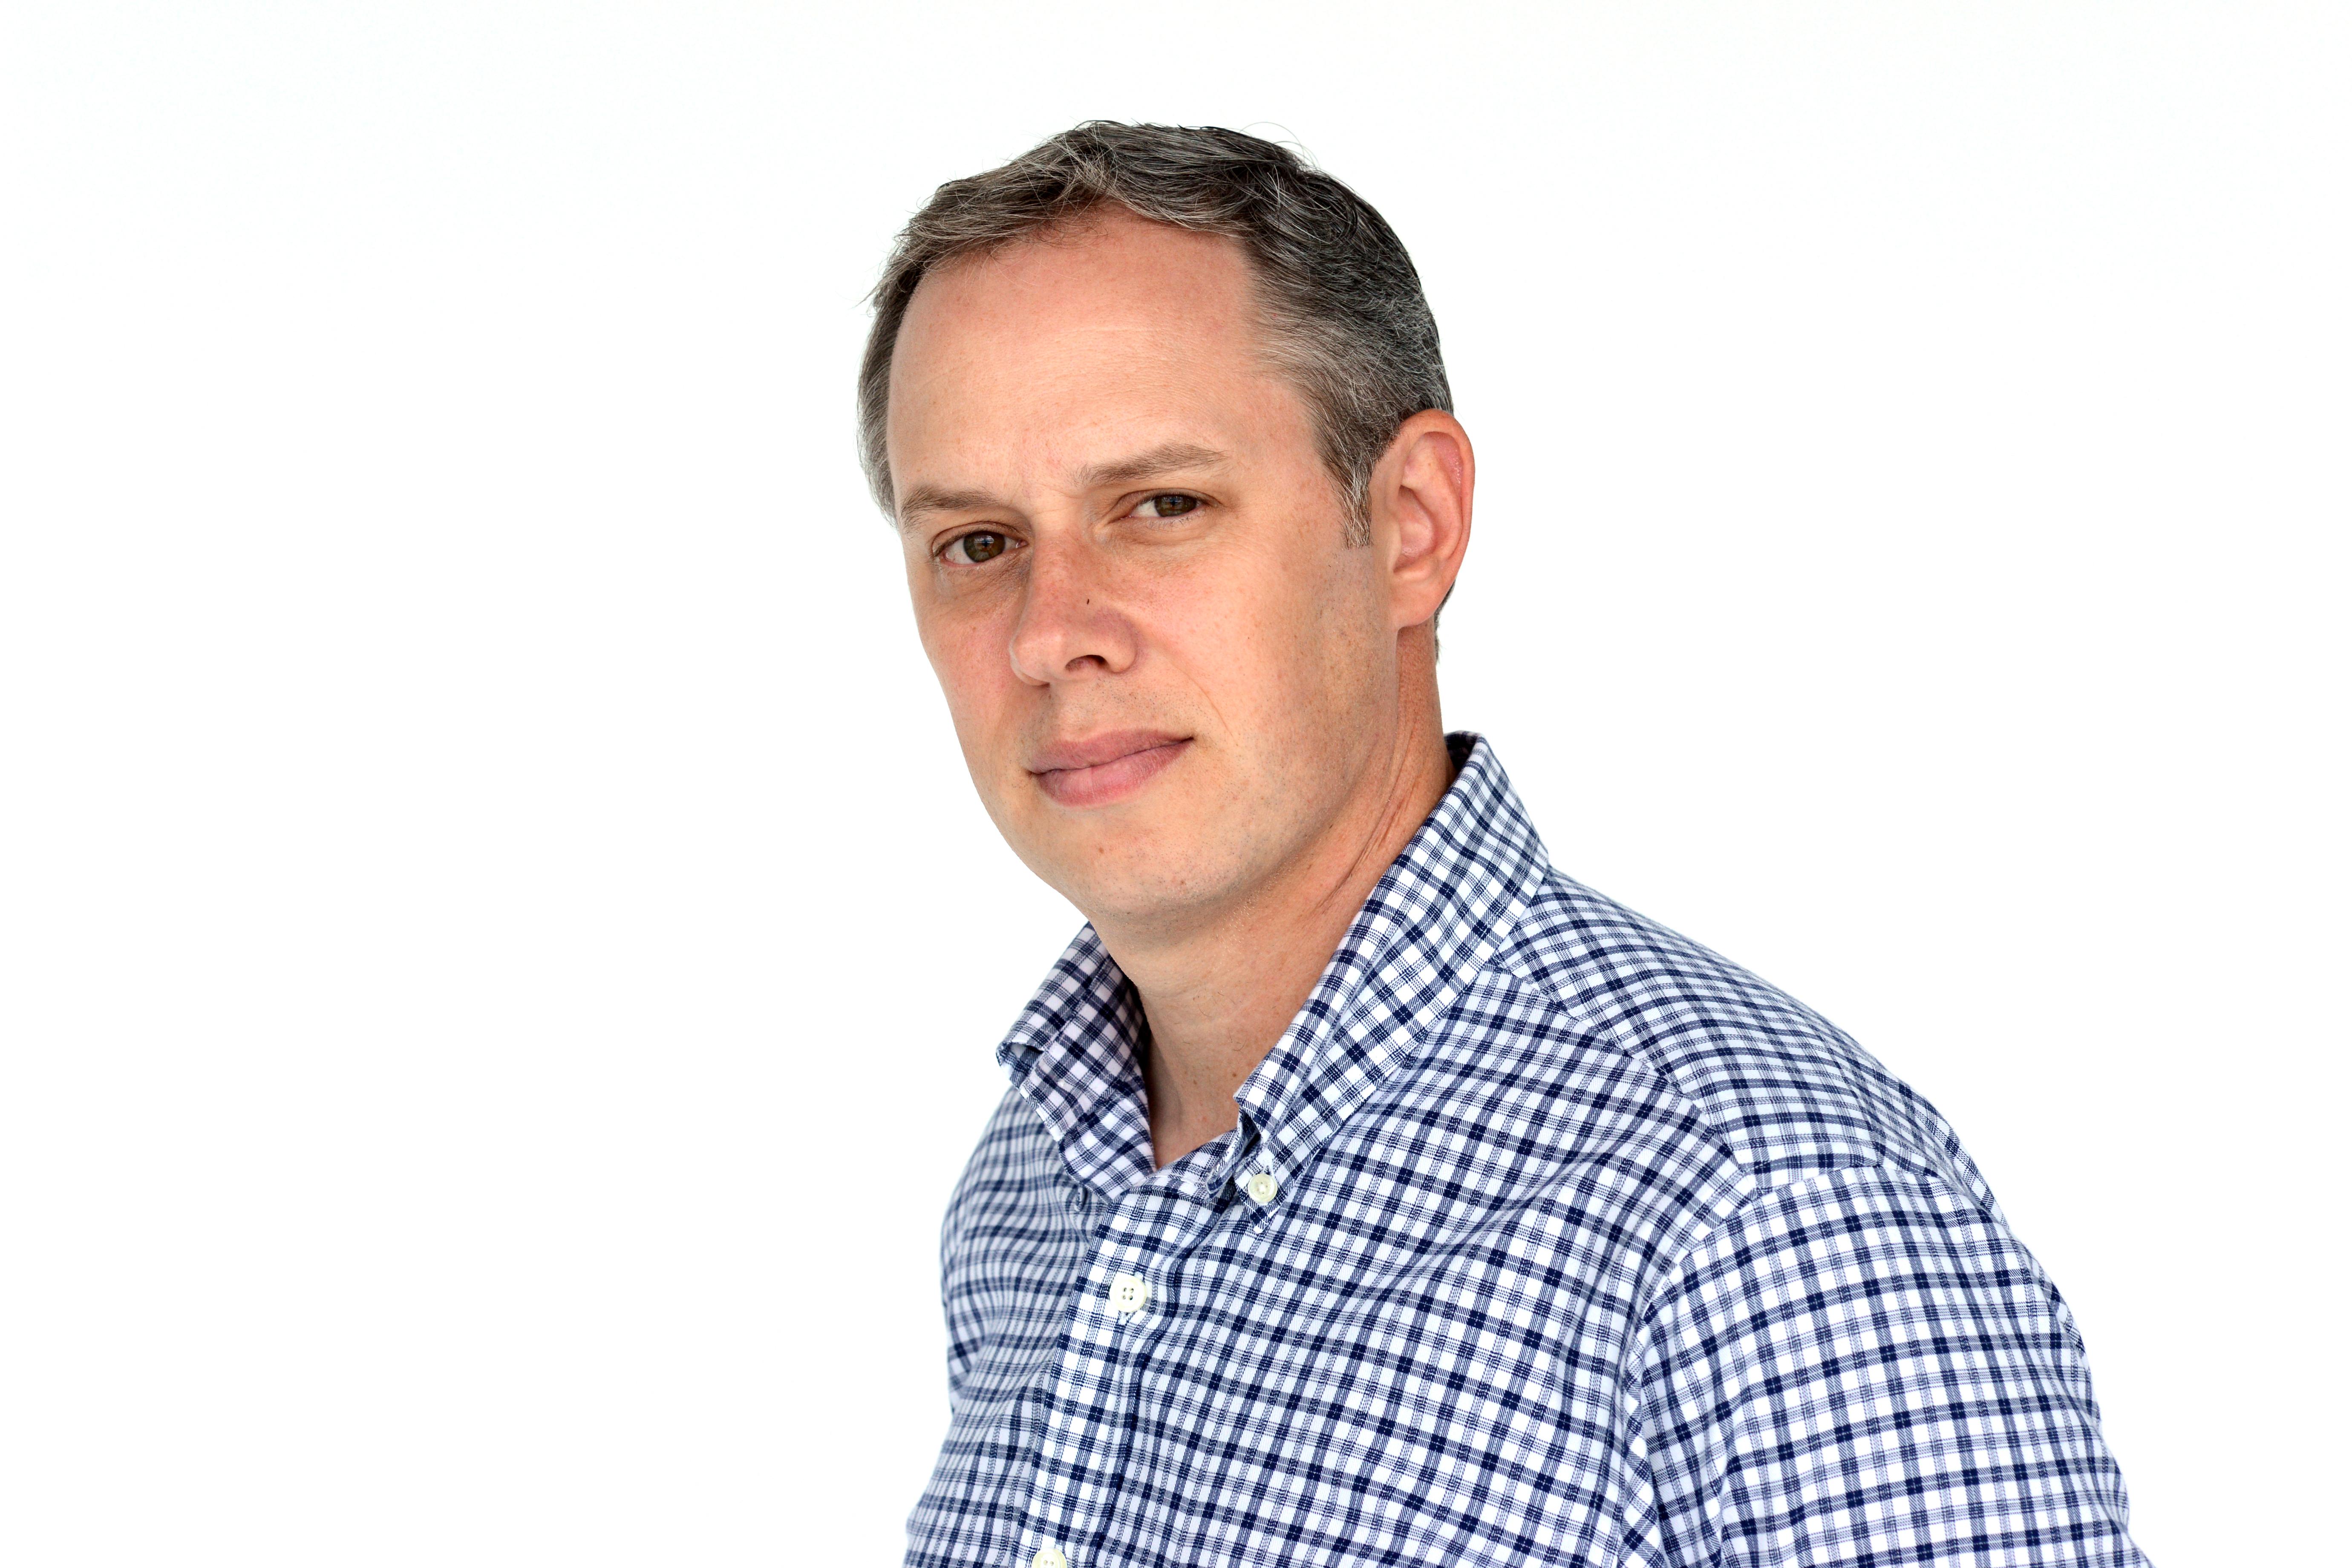 Jason Margolis